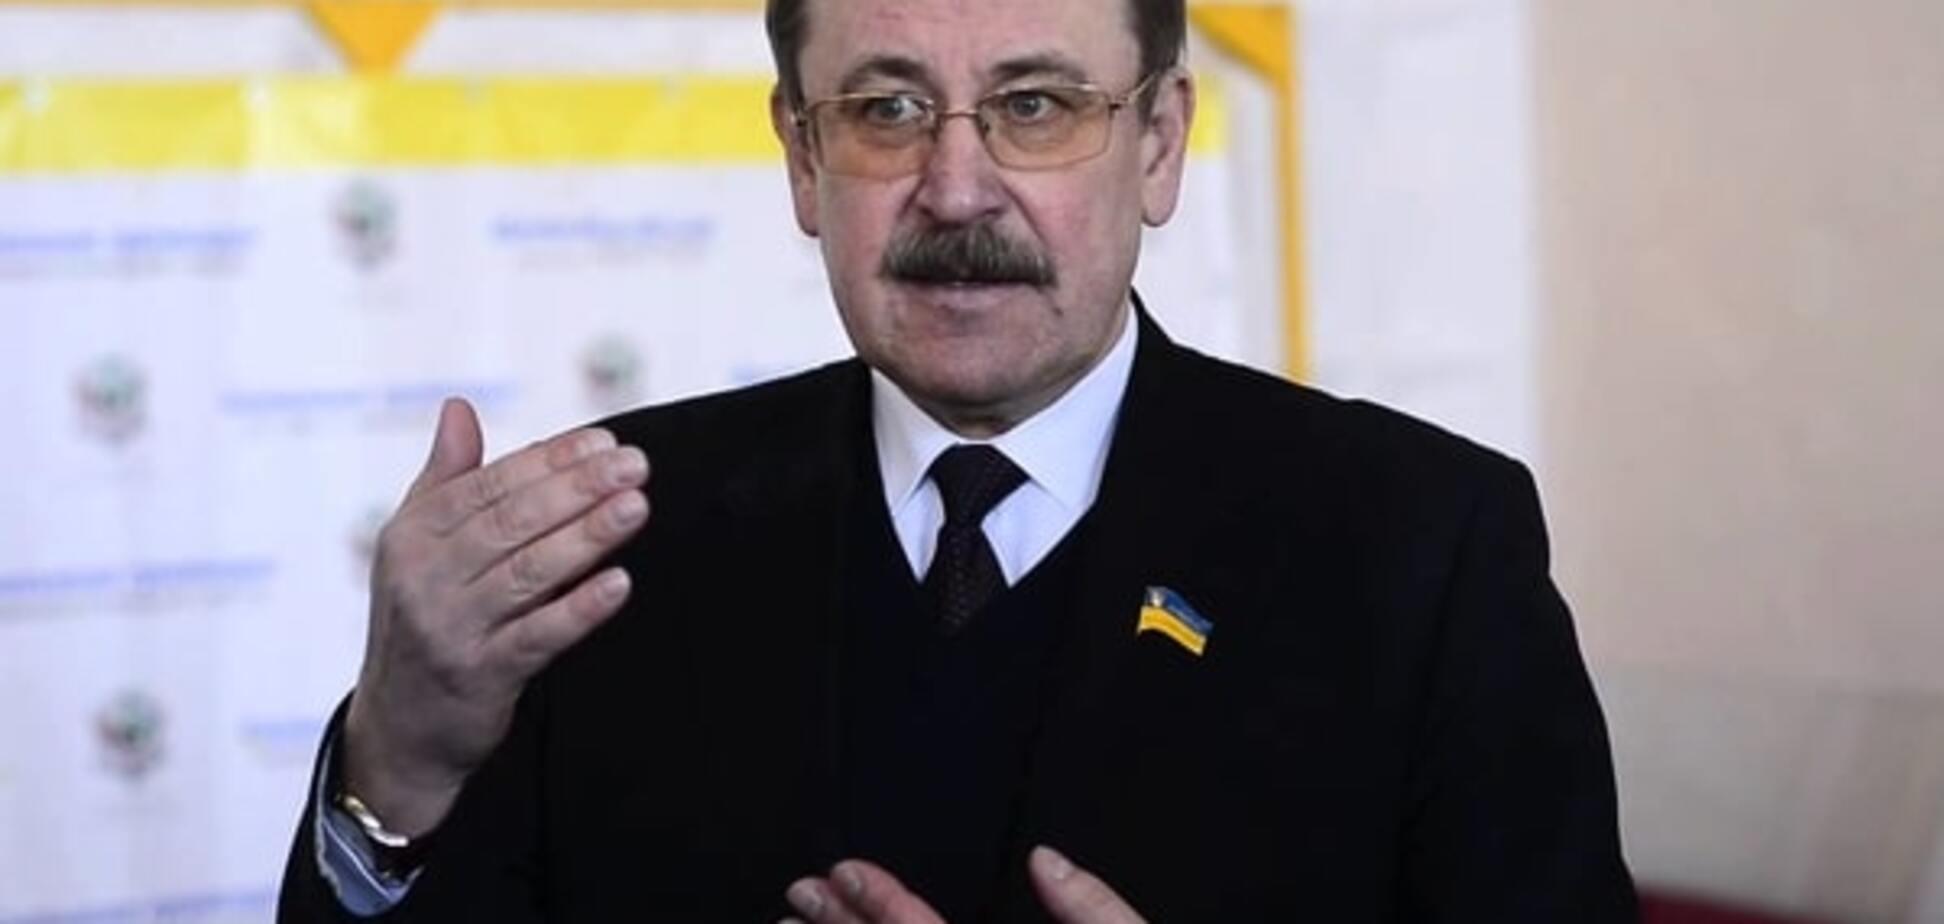 Колишній заступник міністра з Кабміну Азарова отримав посаду в 'ДНР': документ